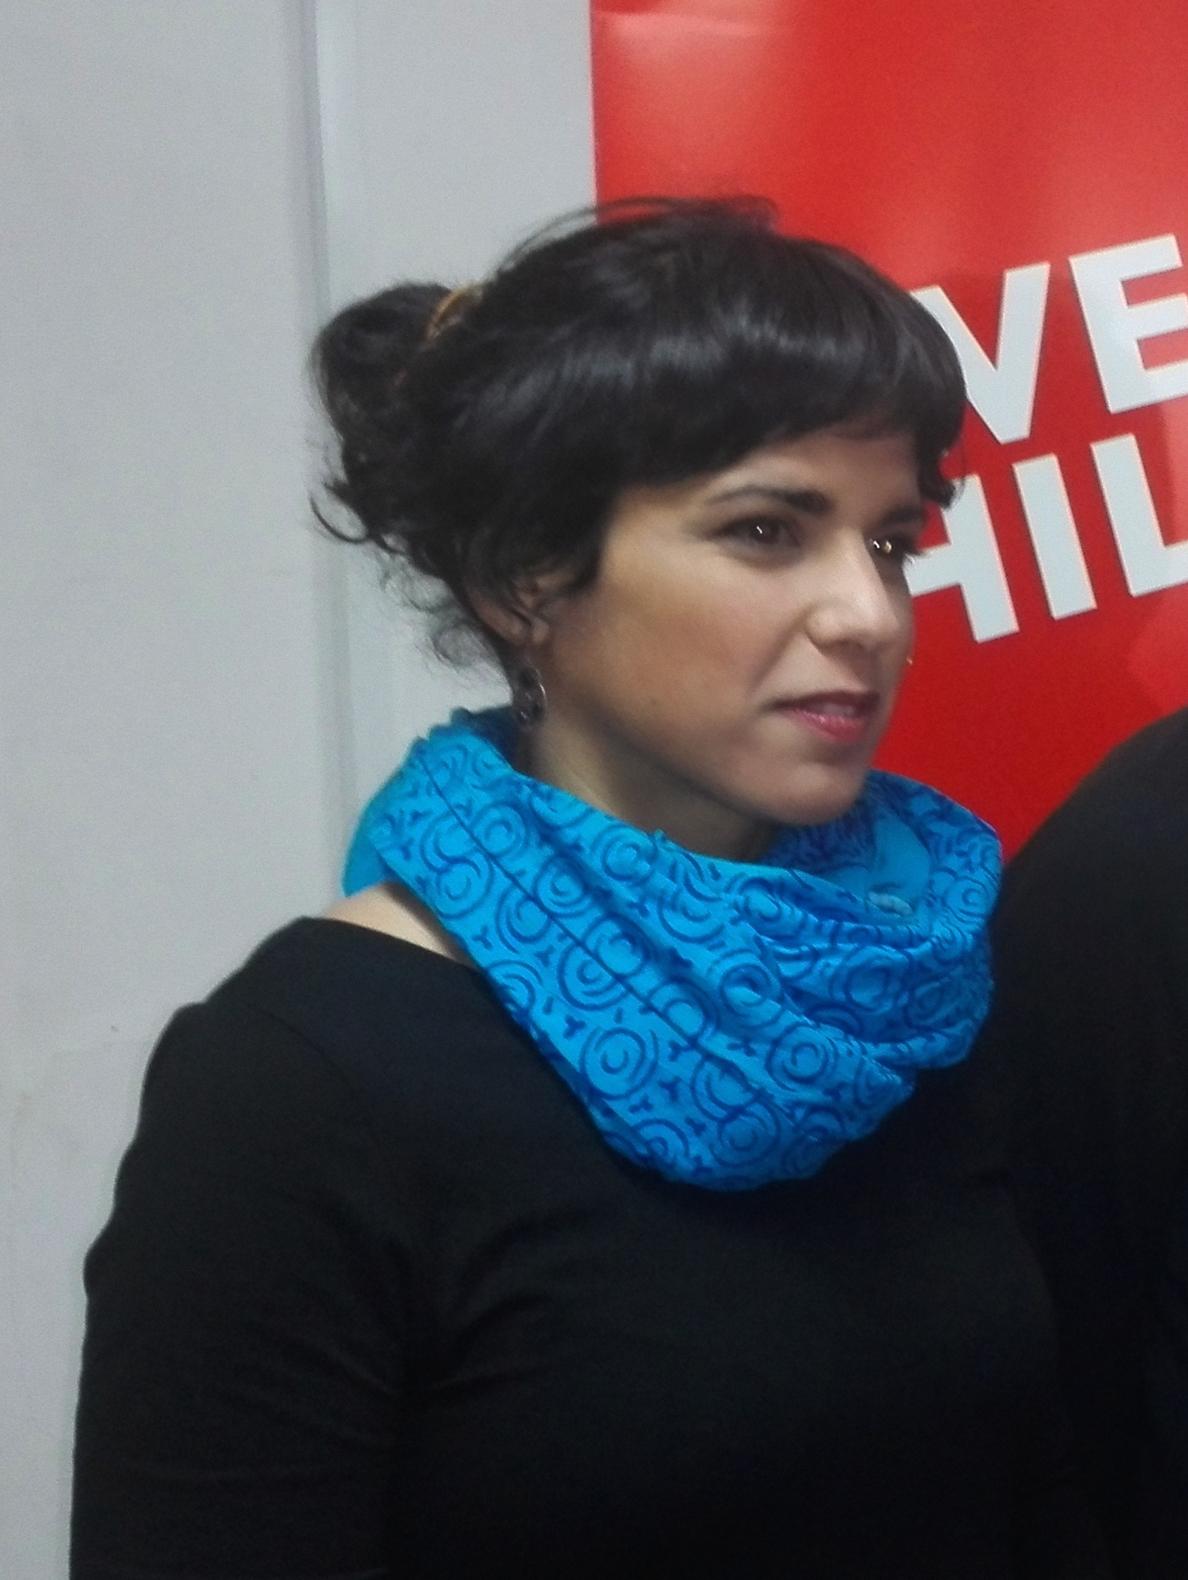 Rodríguez (Podemos) tramita una queja formal contra TVE ante el CAA por difundir una supuesta foto suya desnuda